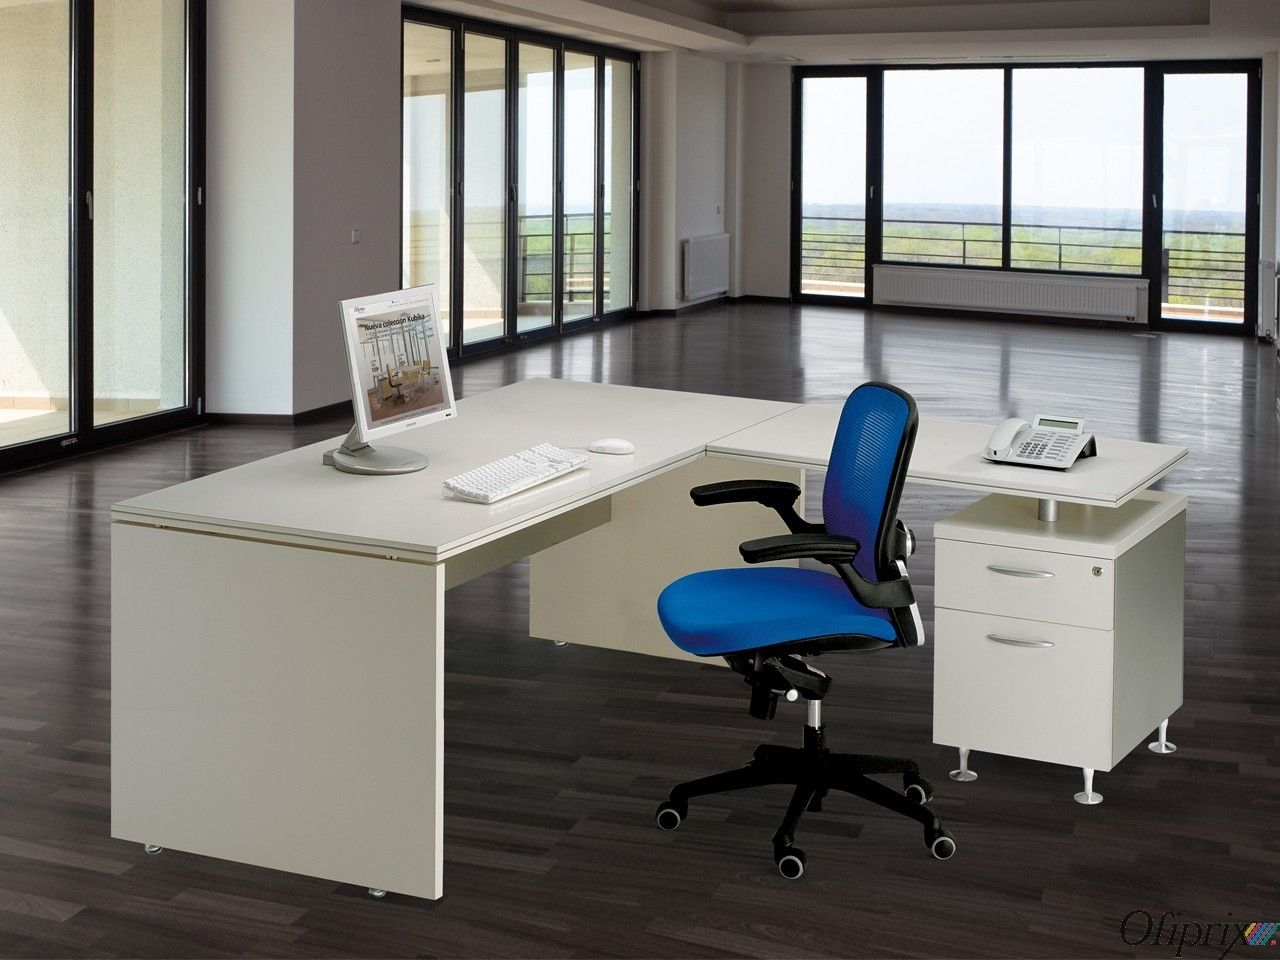 Mesa de oficina work basic interiorismo pinterest for Mesa oficina barata